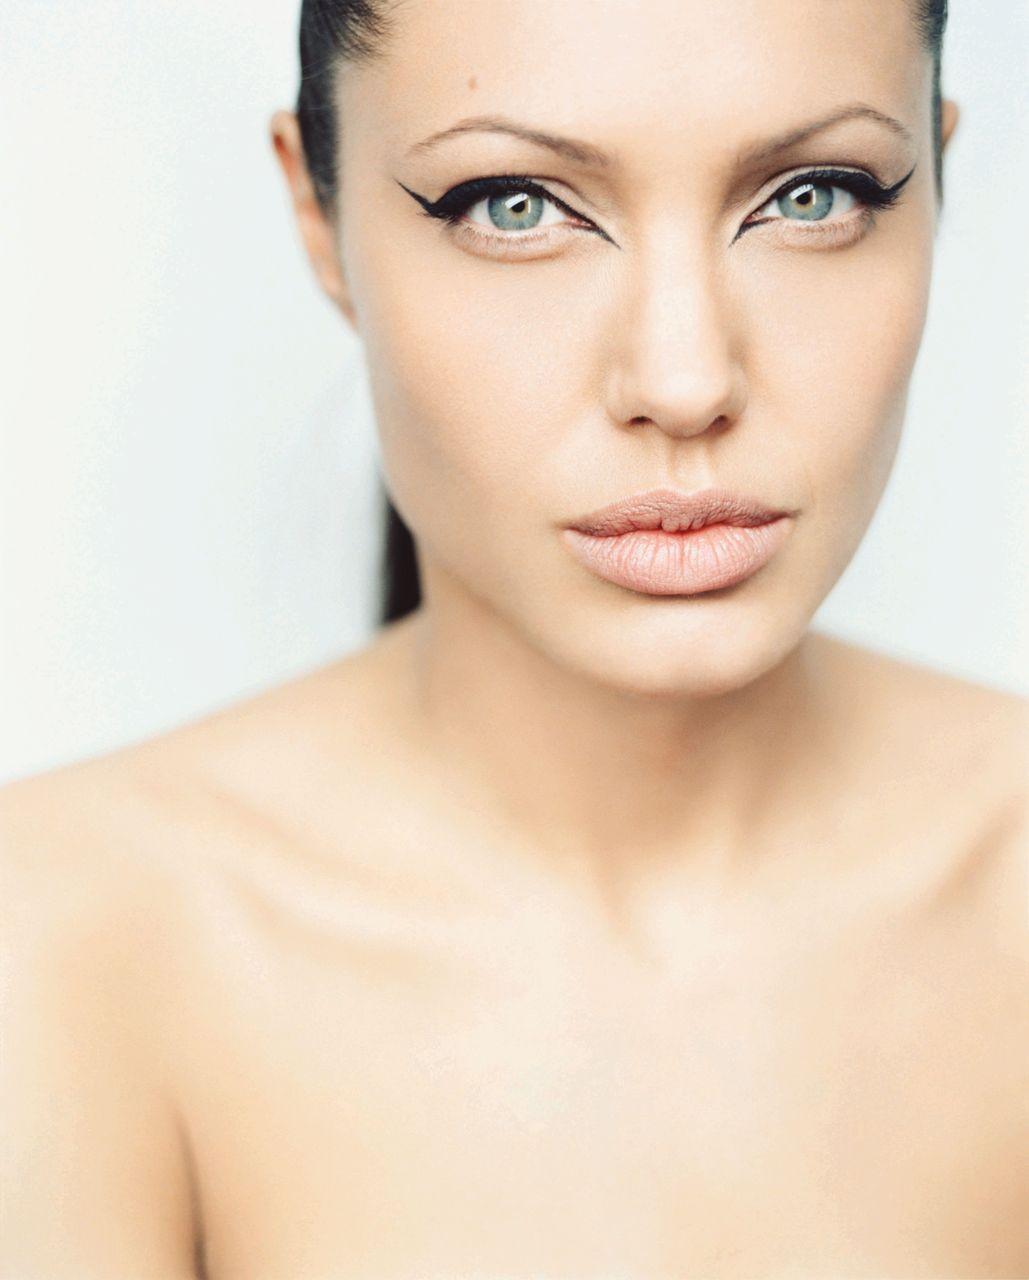 http://1.bp.blogspot.com/_FEkxtl1-FKs/THN6XRlmc2I/AAAAAAAAAMI/DlikyERO8aE/s1600/Angelina+Jolie+photographed+by+Lorenzo+Agius_2.jpg